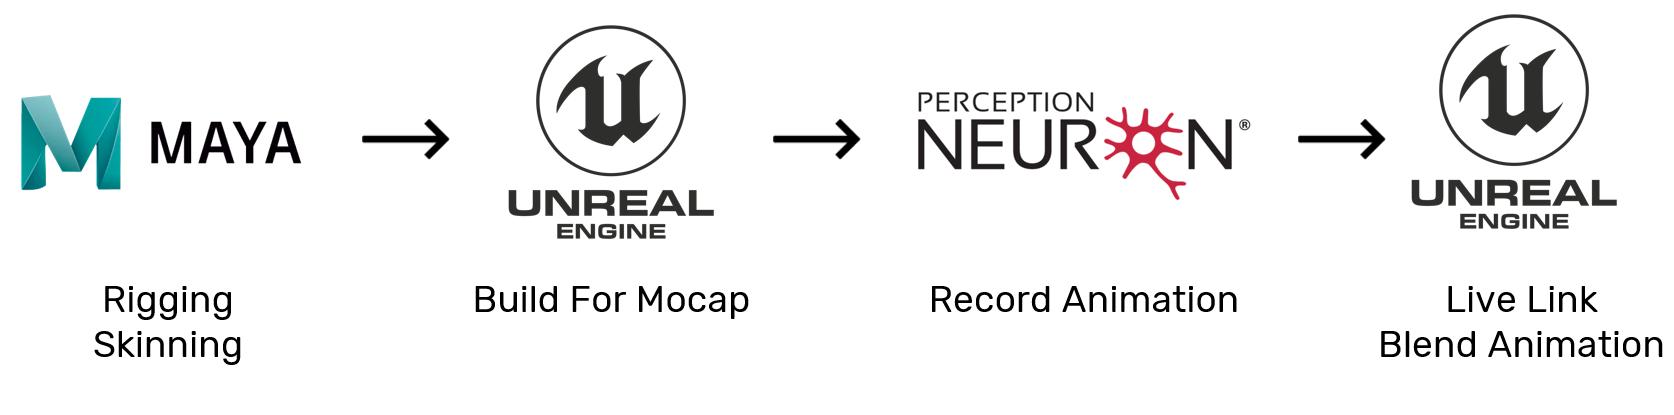 CGI в домашних условиях при помощи Unreal Engine и iPhone - 6